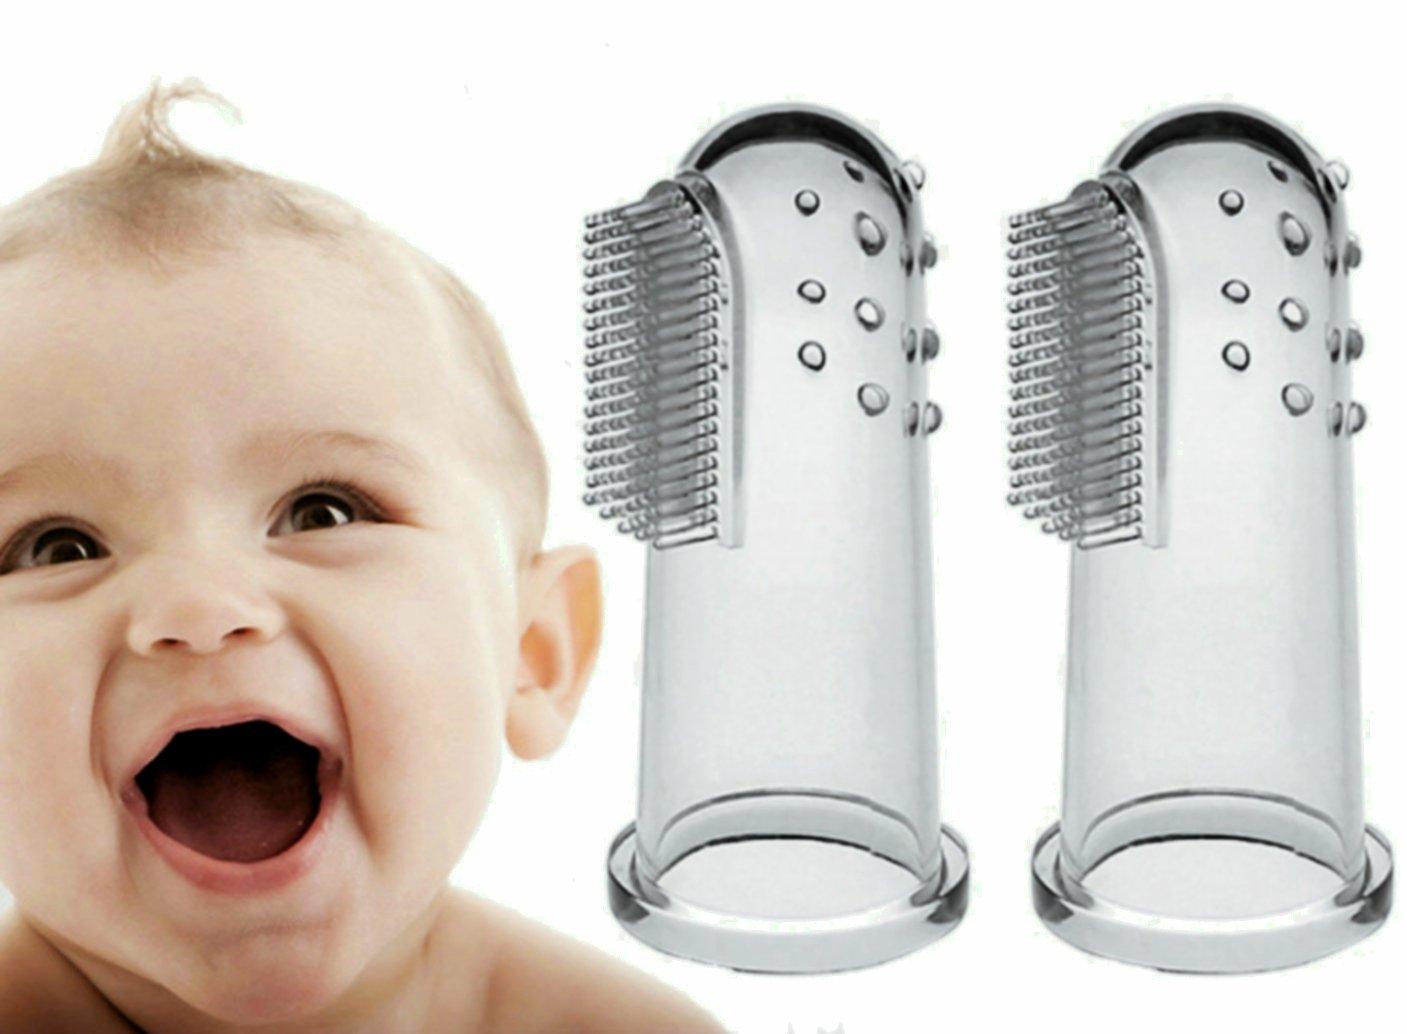 Brosse à dents souple pour bébé (2 paquets) - Massage de qualité supérieure, Kit de soins pour nourrissons doux, Parfait pendant la dentition, Gardez votre enfant hygiénique Amasawa Amasawa-10